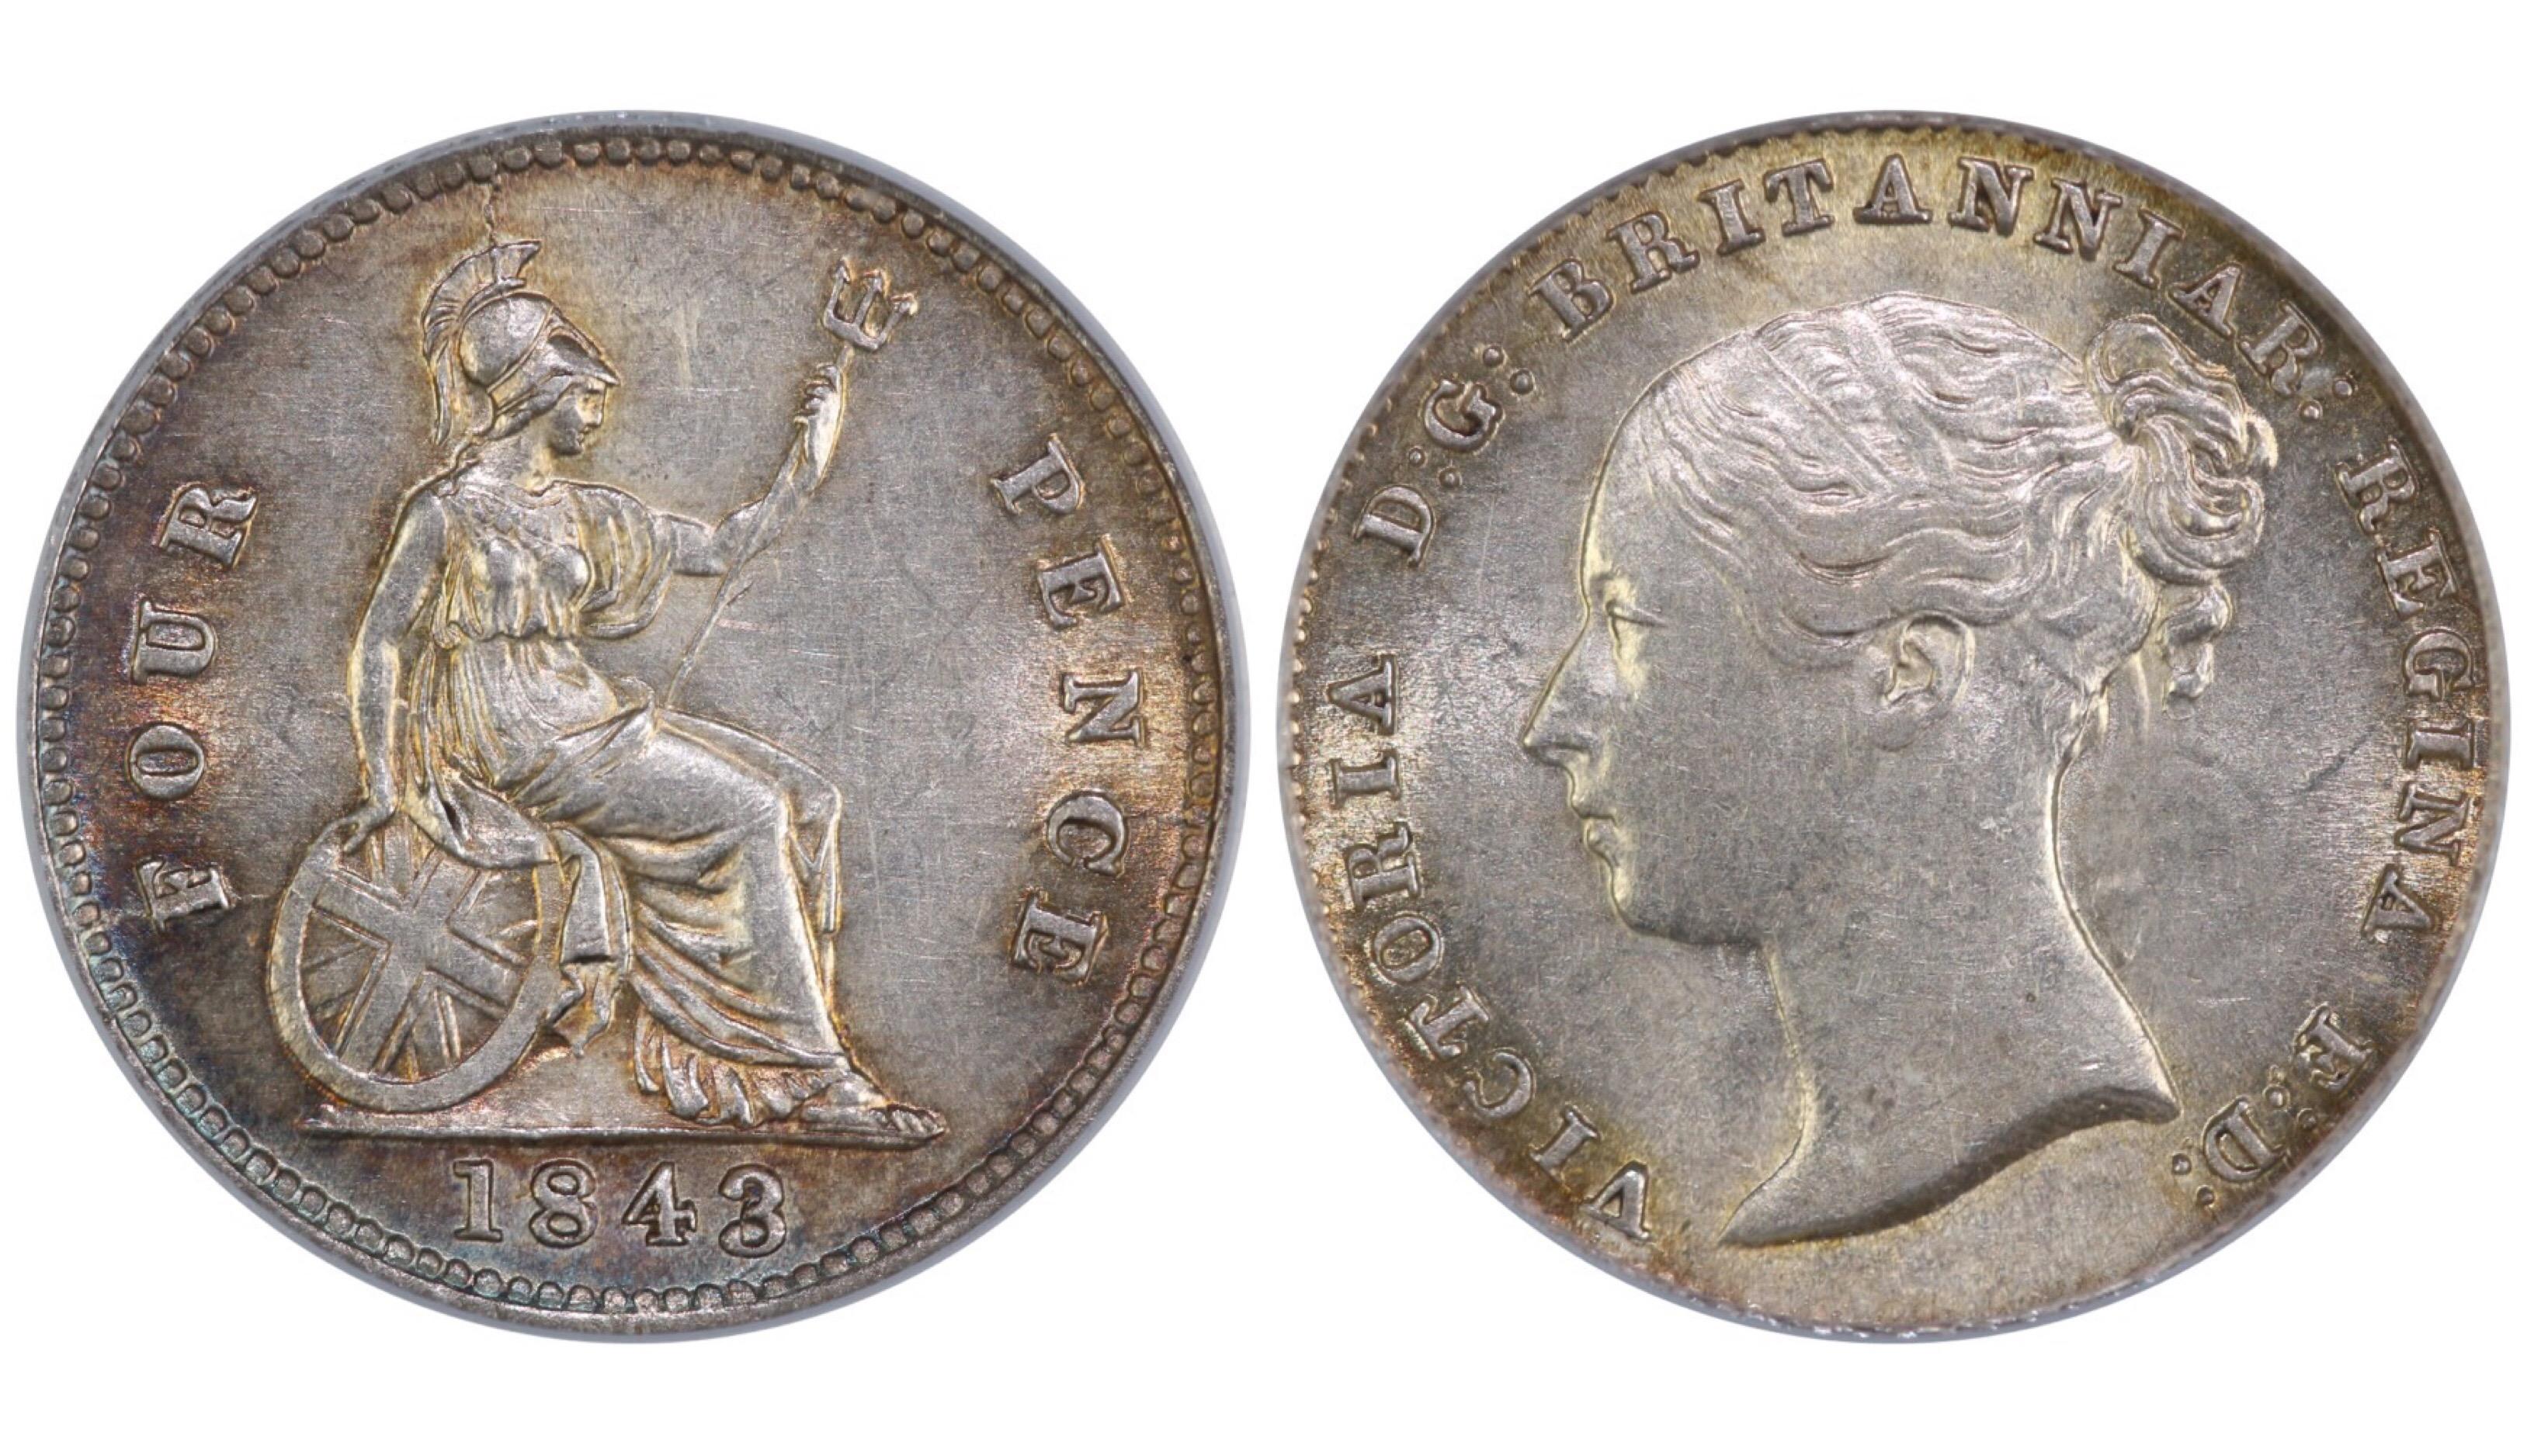 1843 Groat, CGS 65, Victoria, ESC 1938, UIN 21025